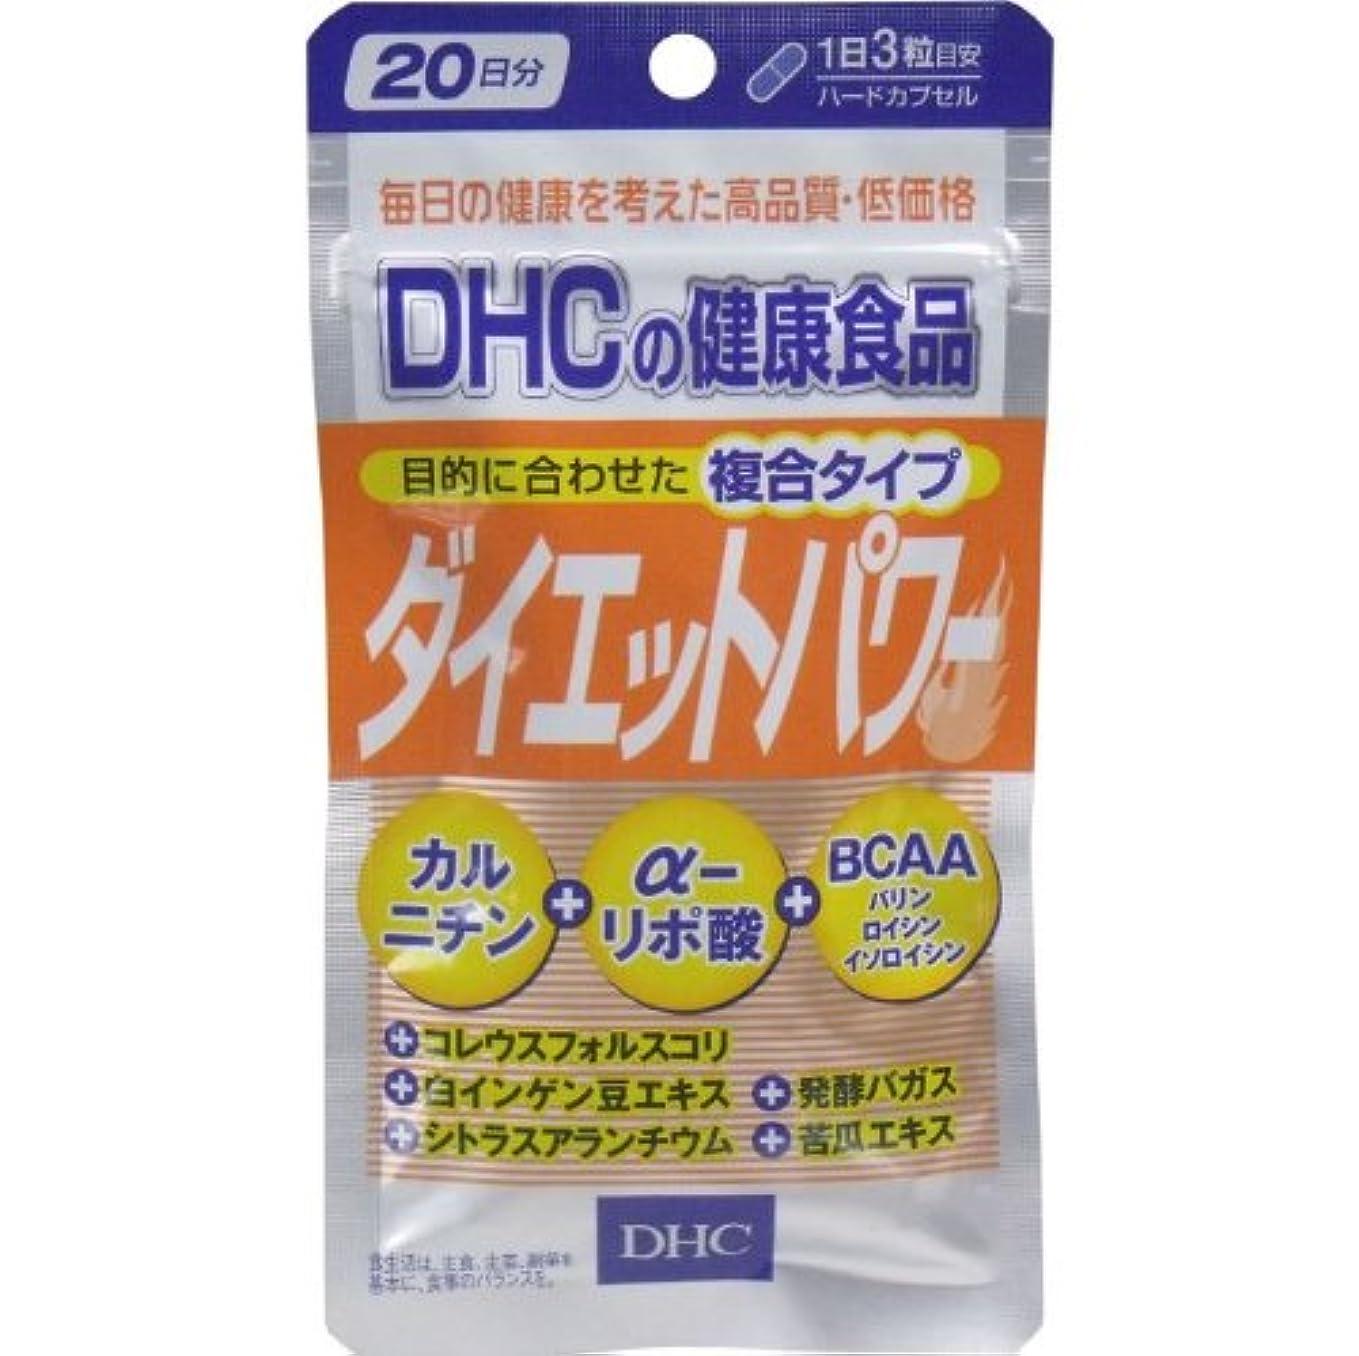 哀鏡終点DHC ダイエットパワー 60粒入 20日分「3点セット」